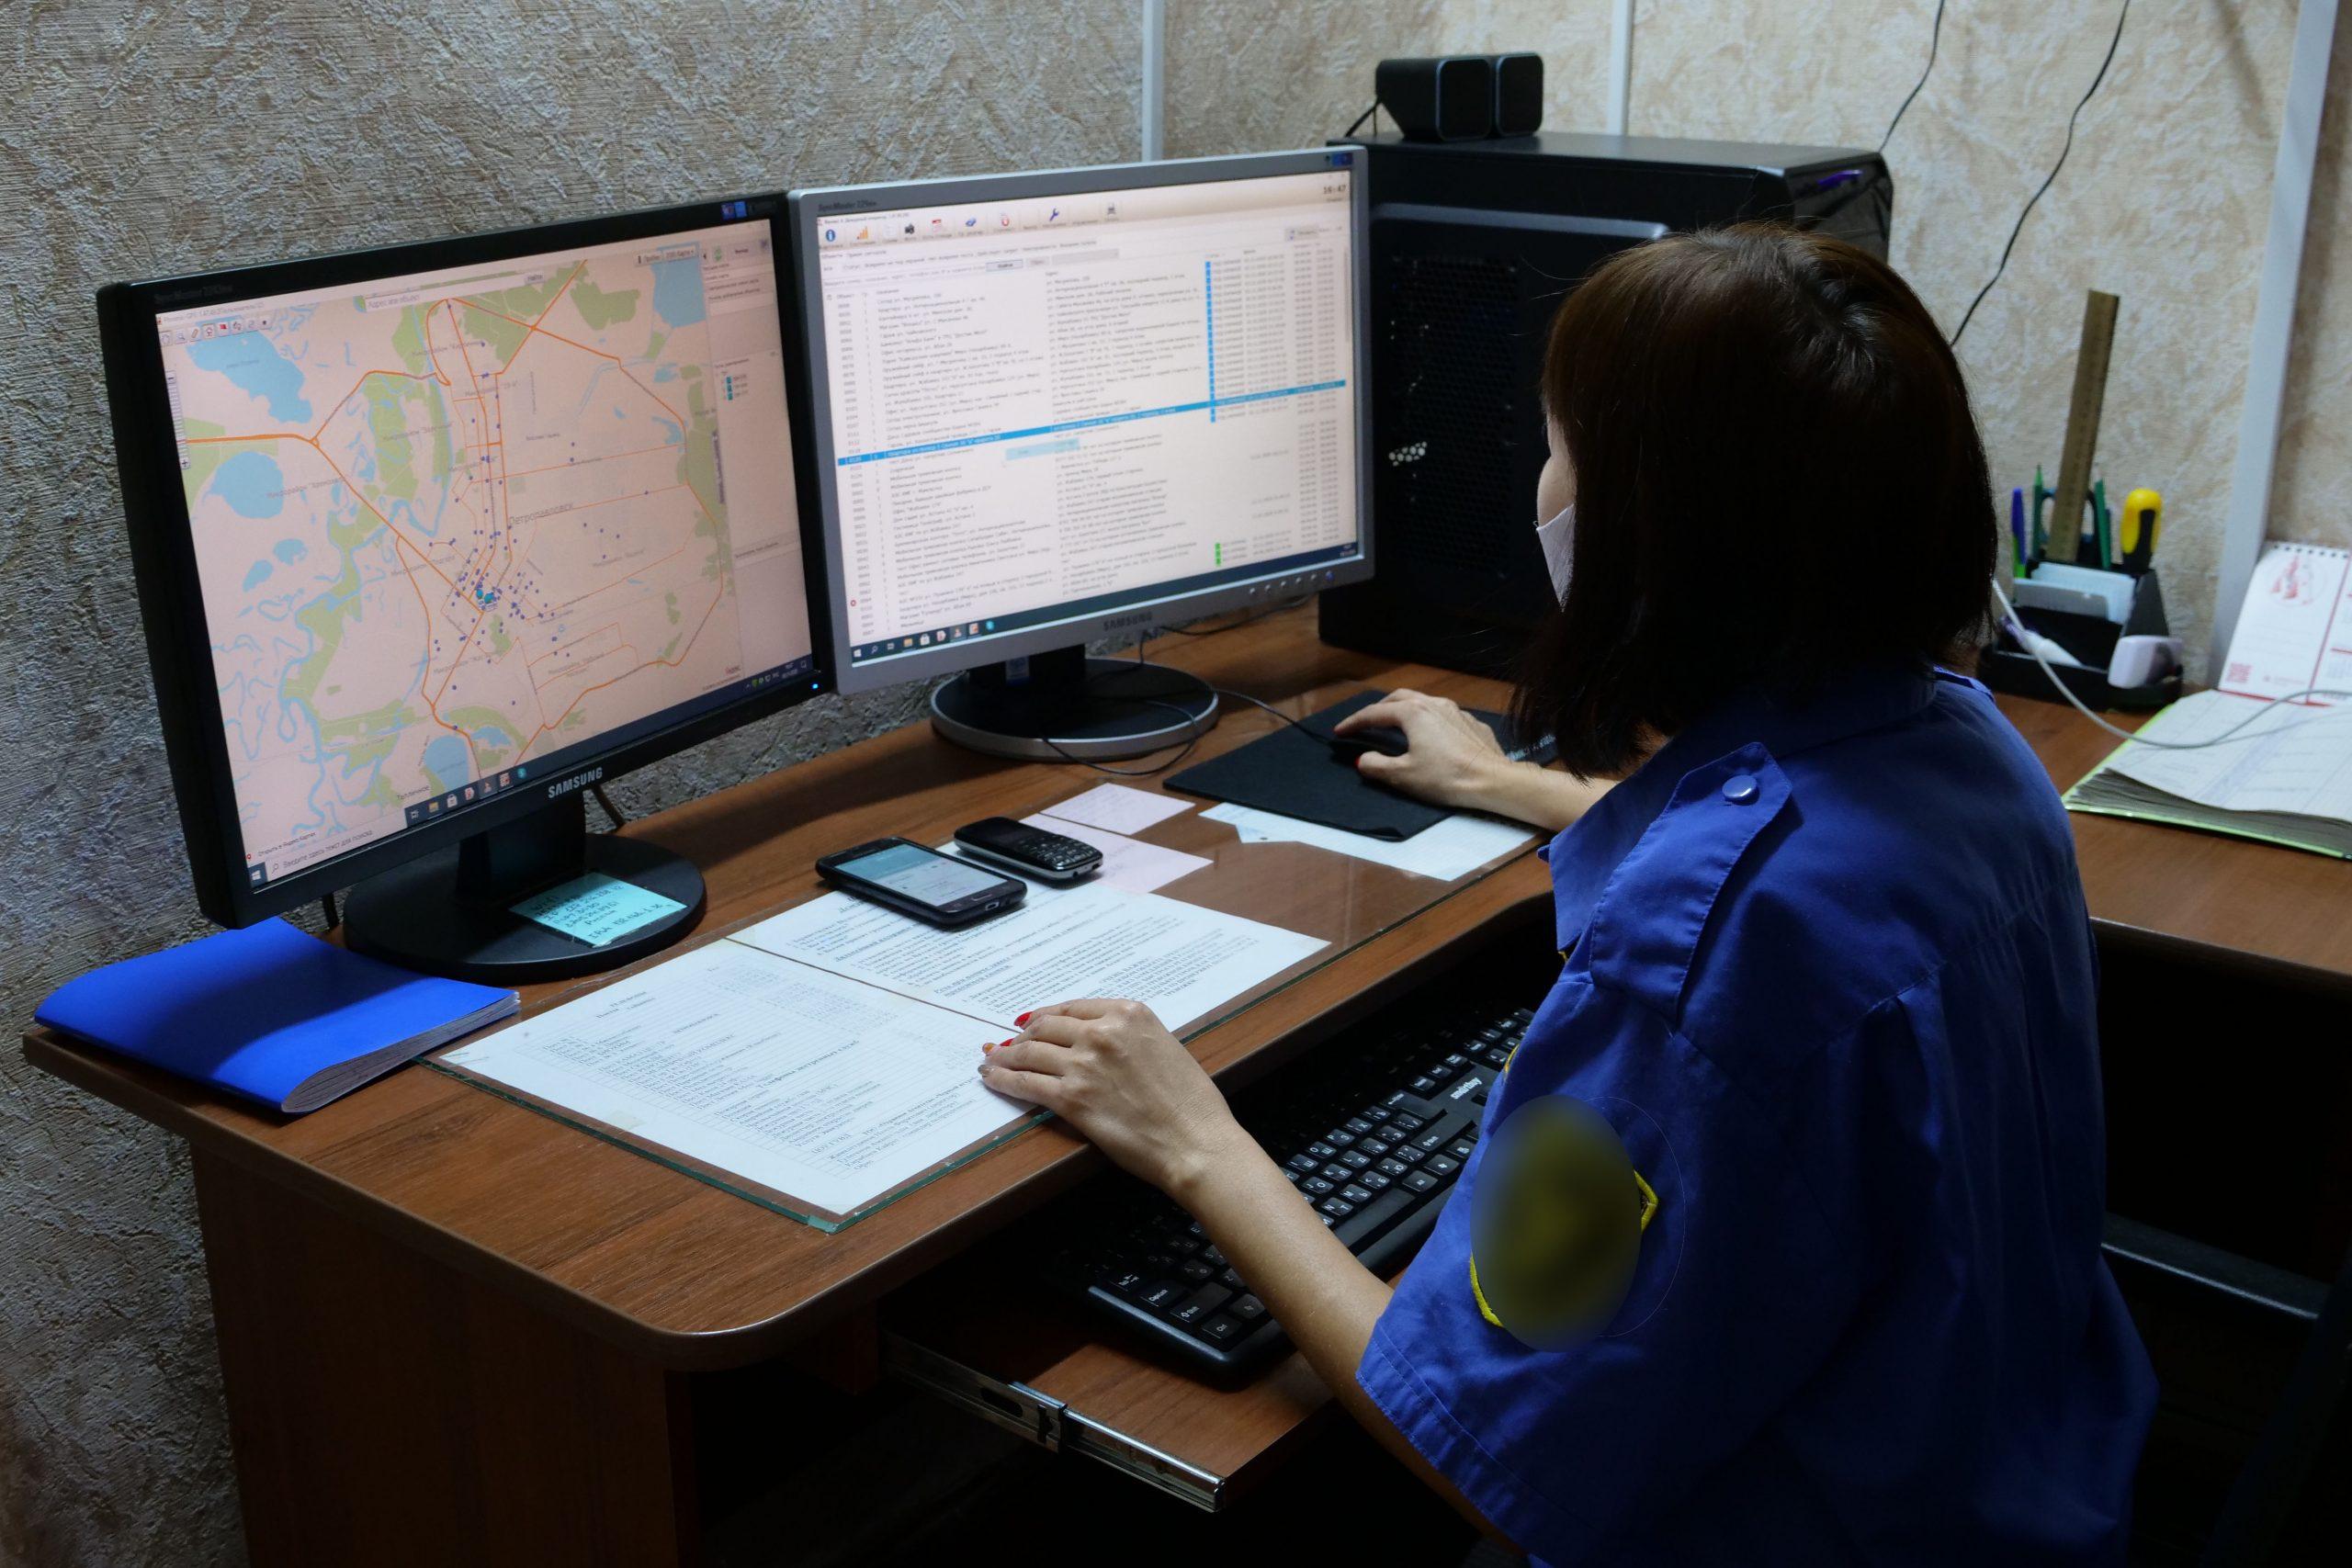 На севере Казахстана квартирных воров ловят охранные организации